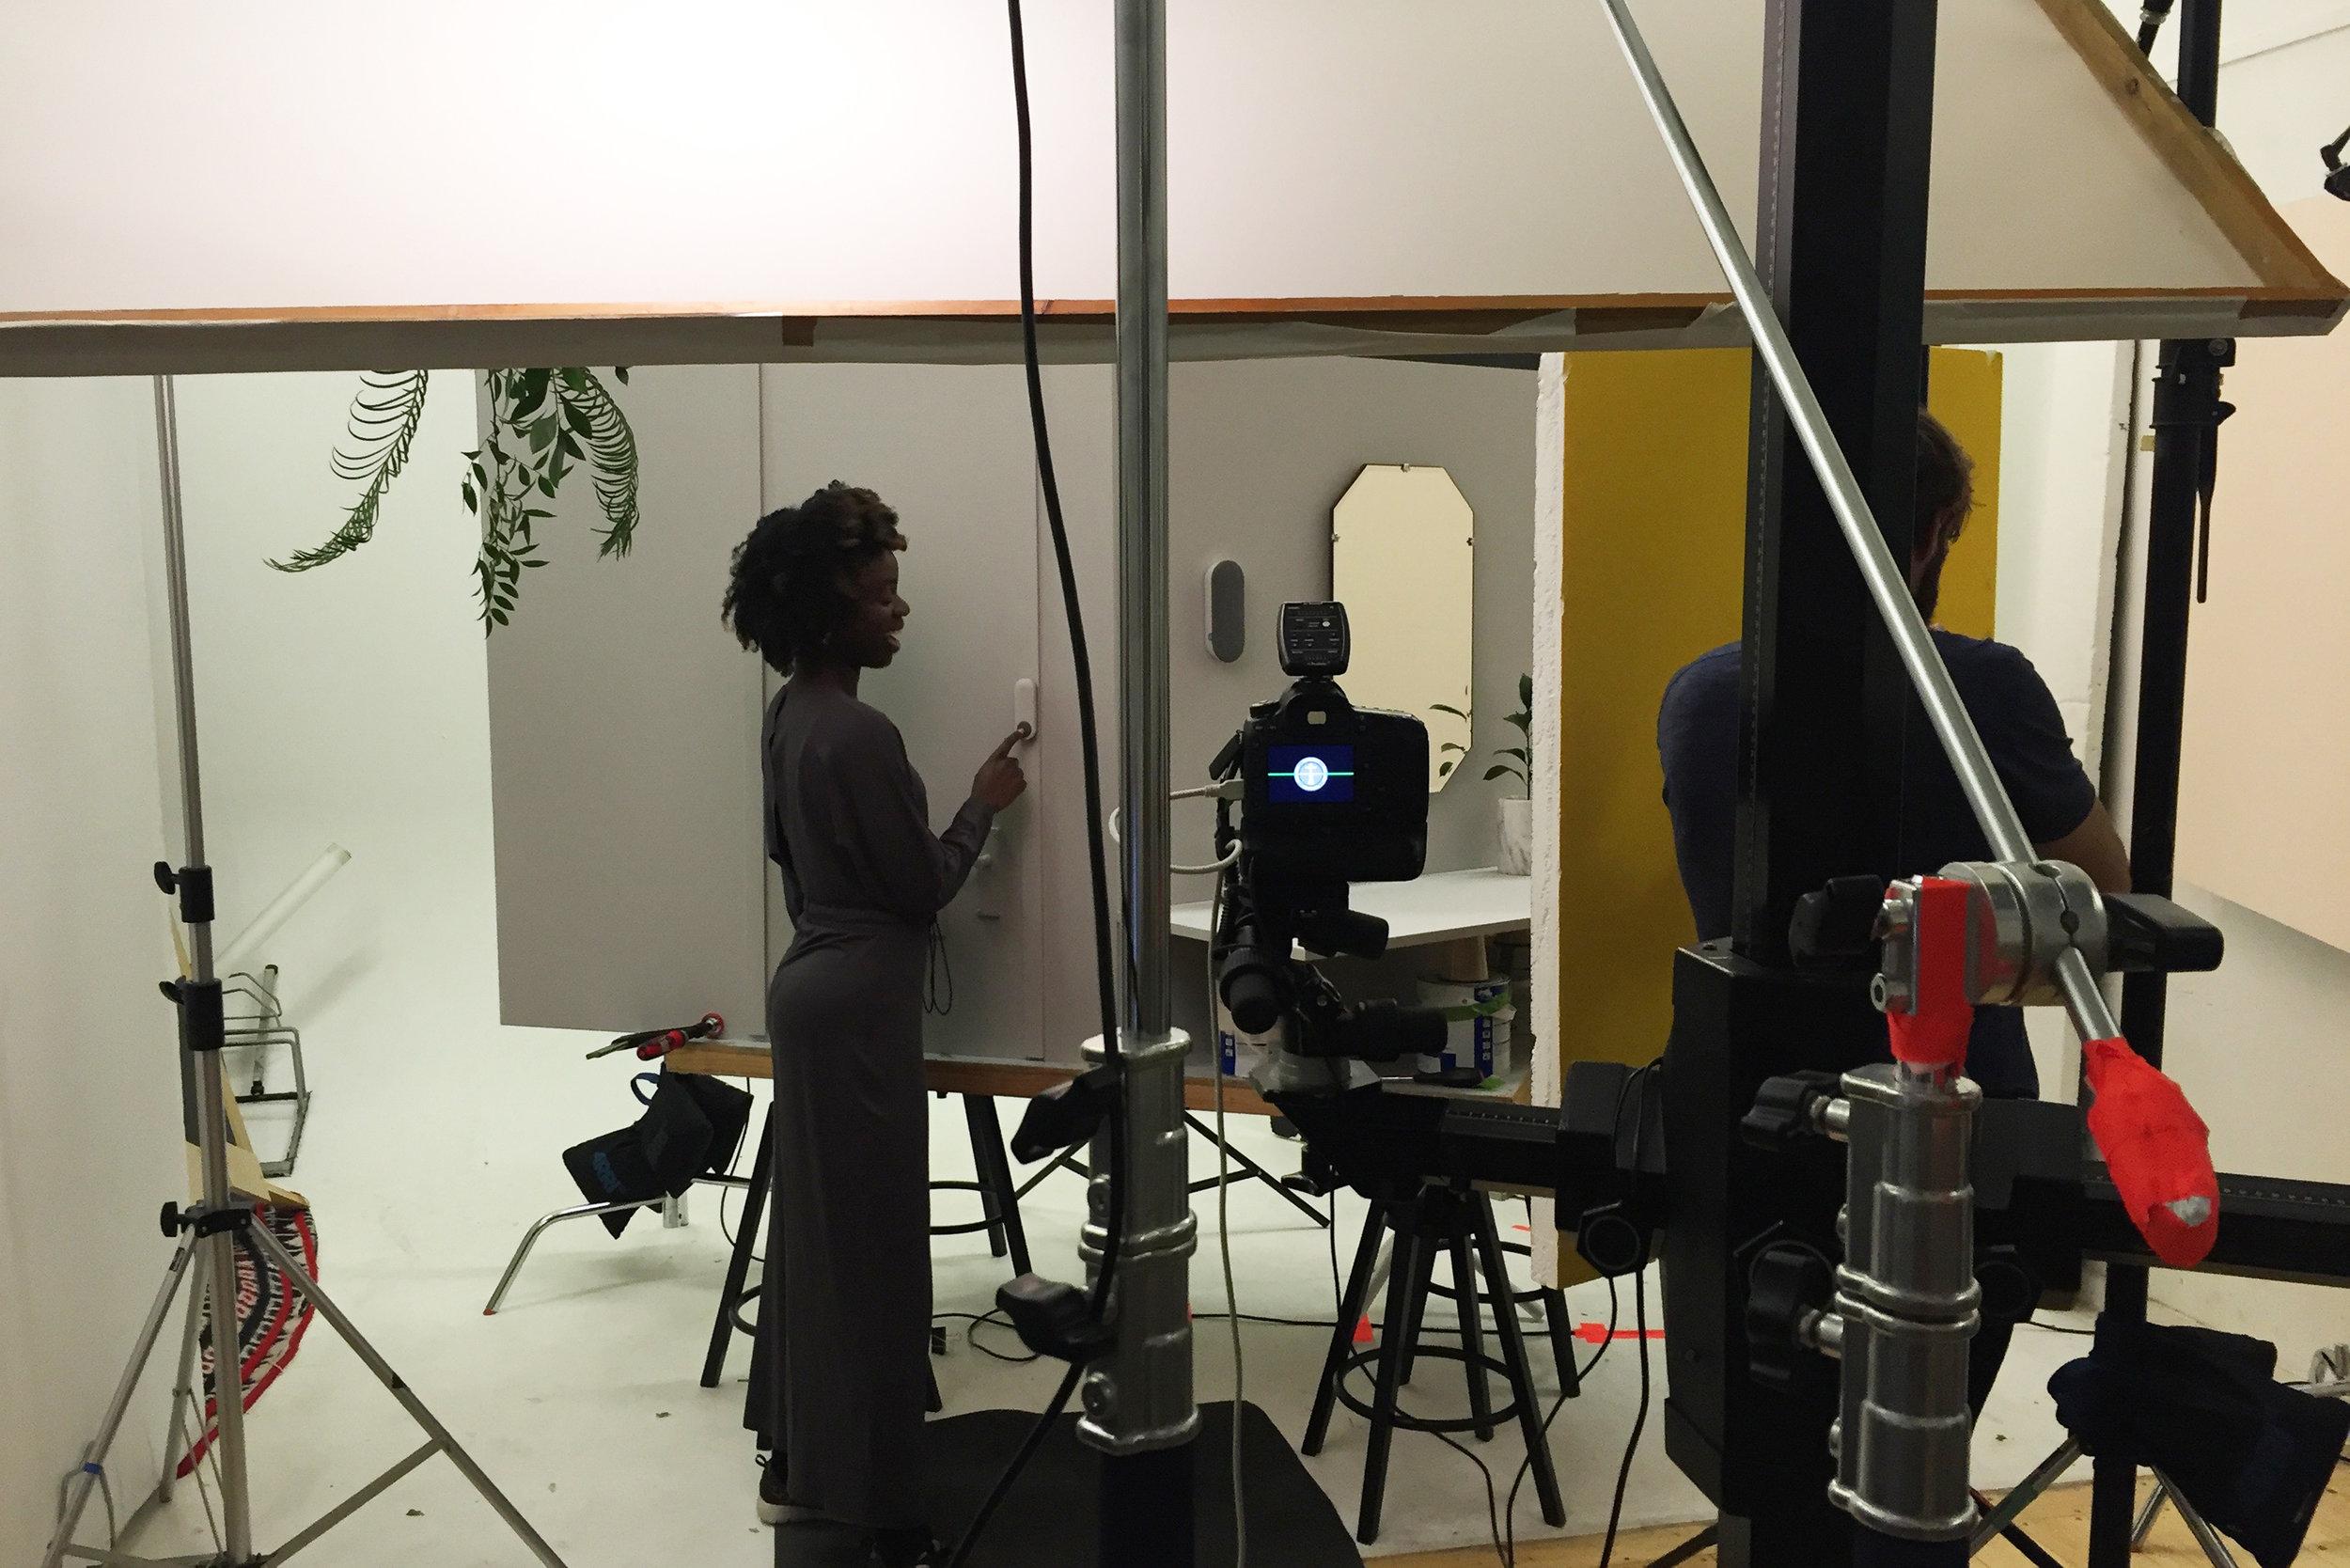 shoot setup 2.jpg